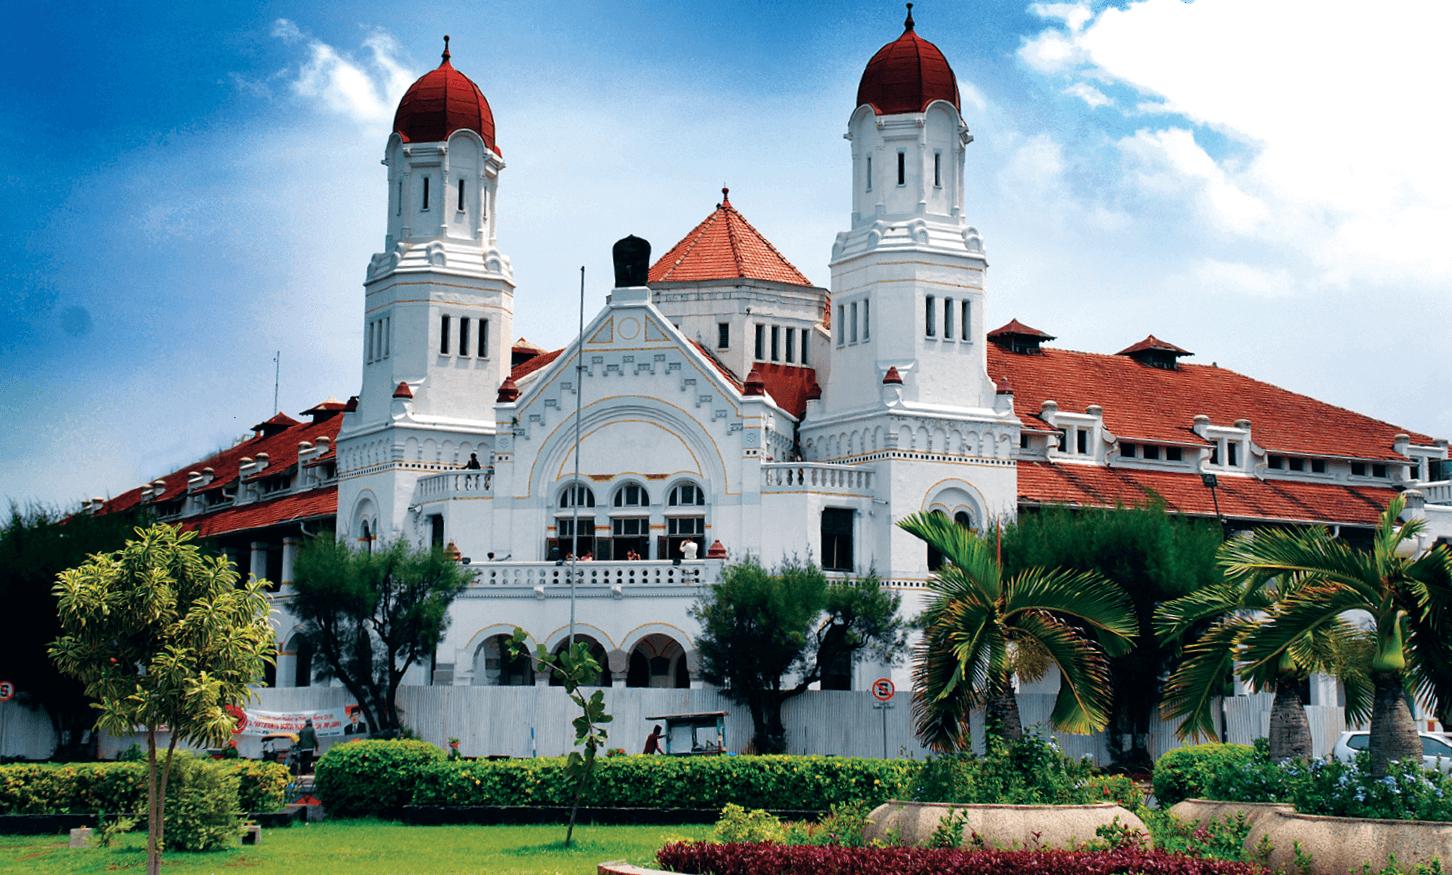 Pourquoi visiter la ville de Semarang en Indonésie ?